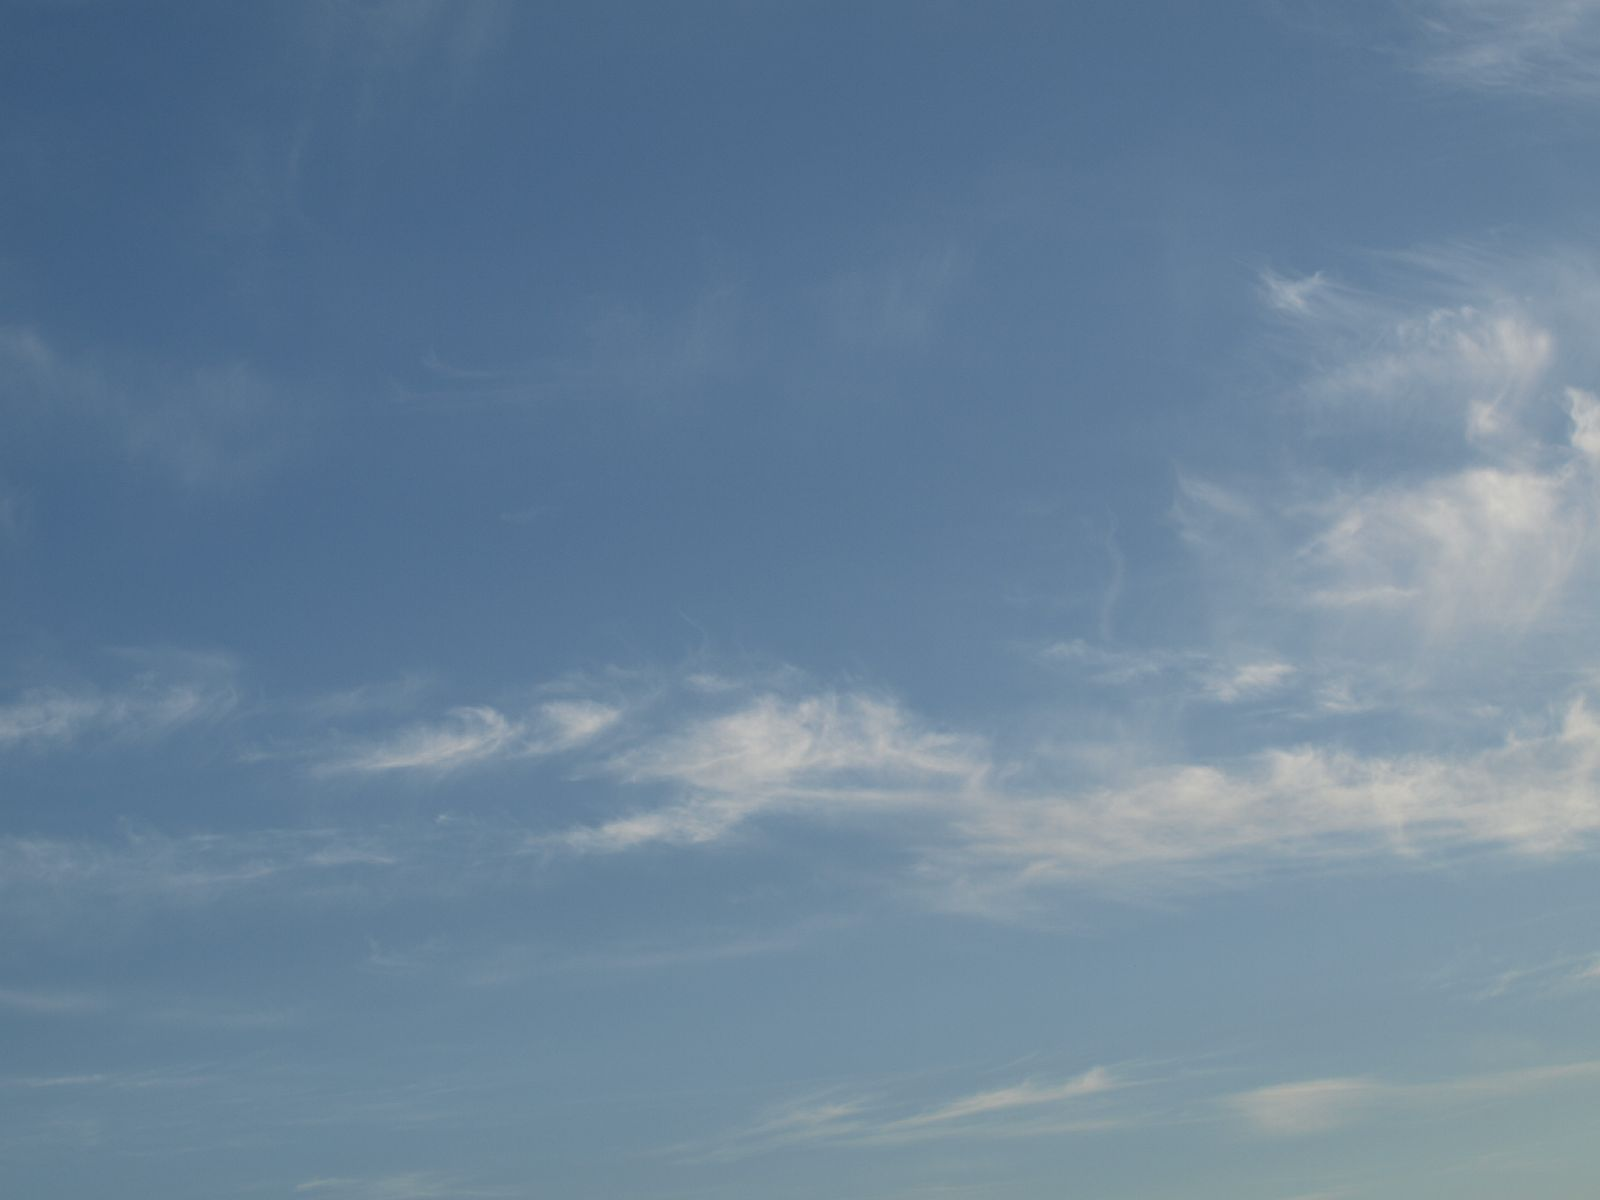 Himmel-Wolken-Foto_Textur_A_P5234837